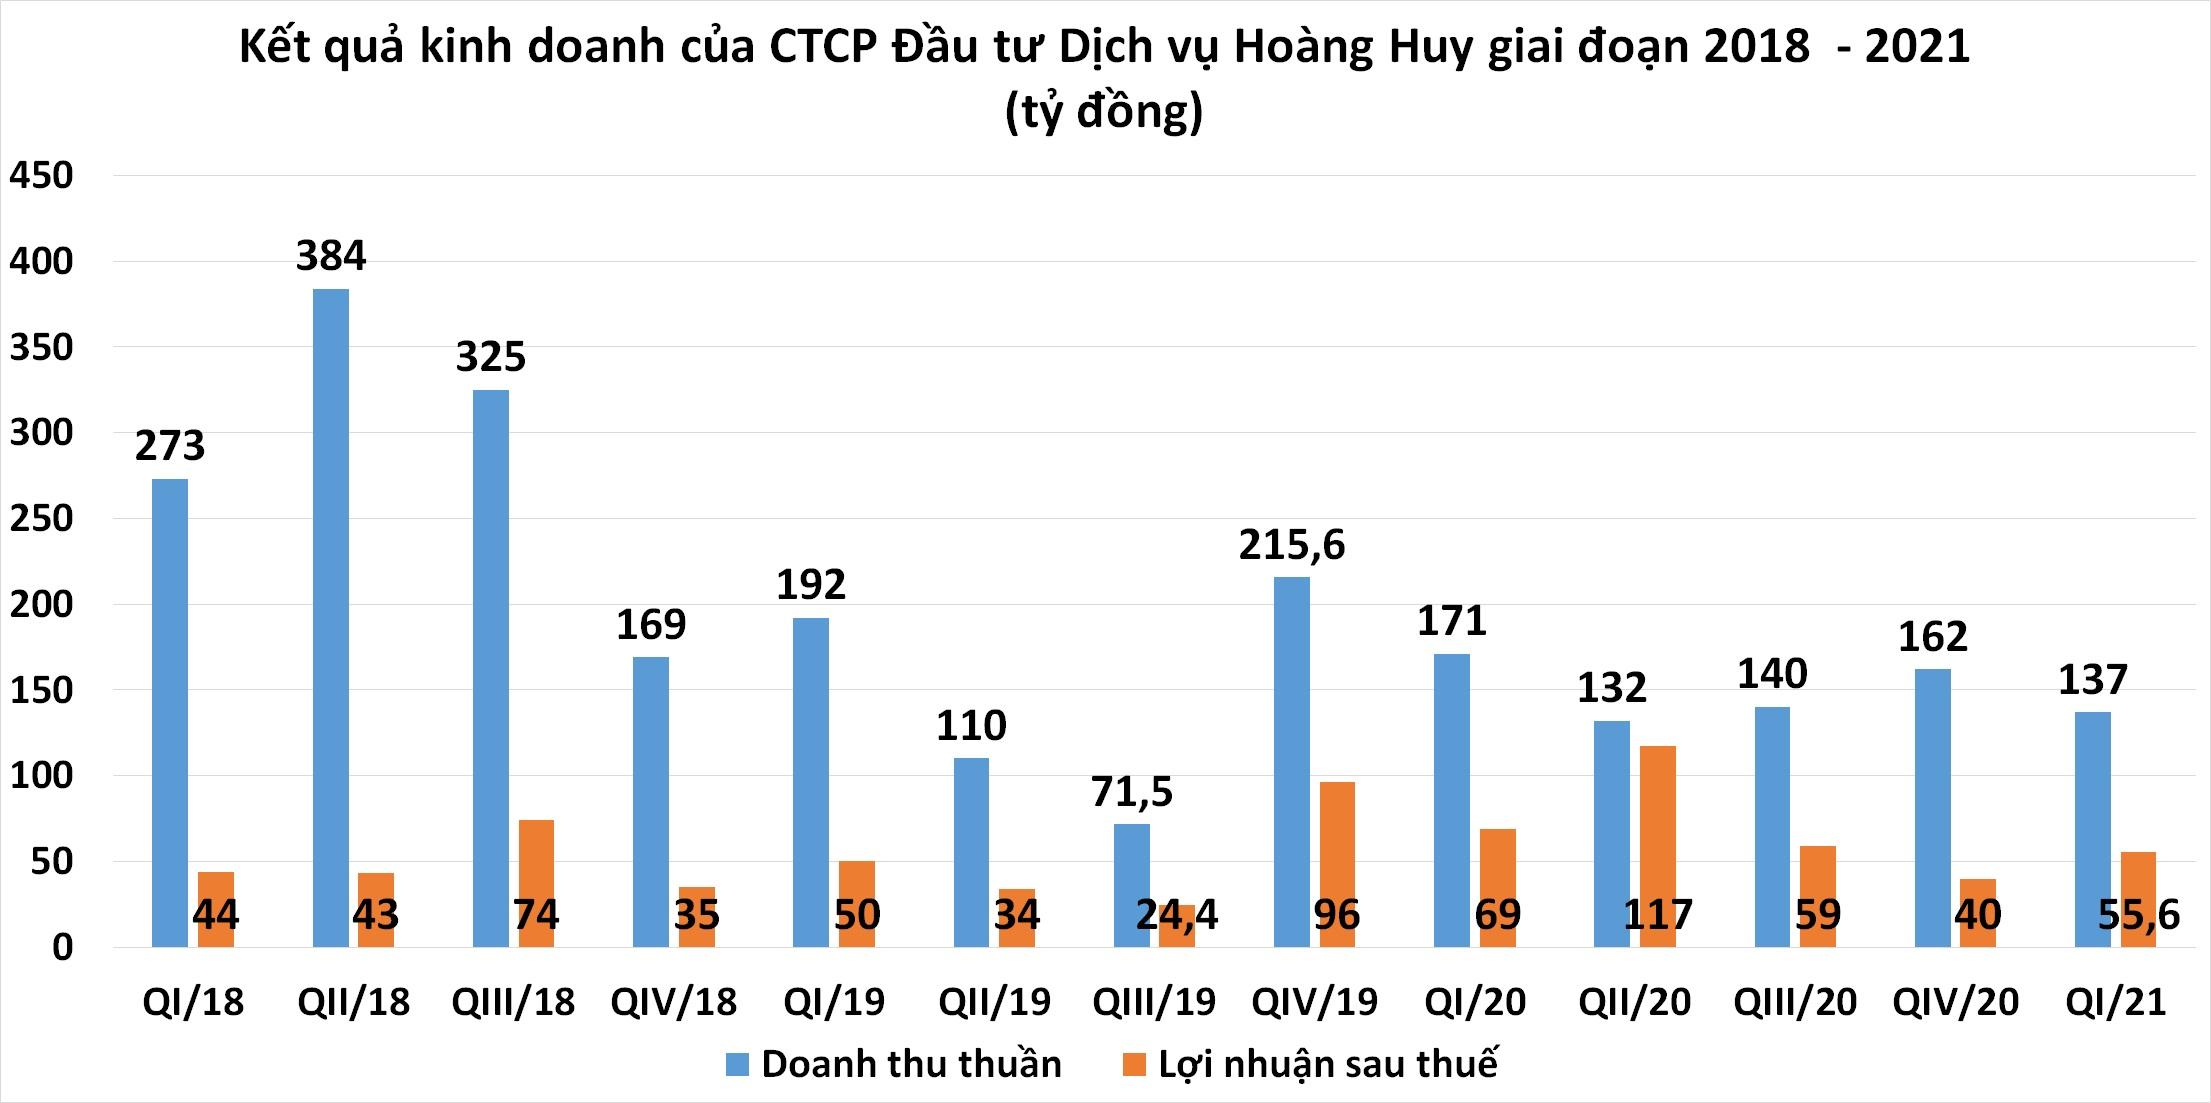 Kinh doanh ô tô tải và đầu kéo phát triển, doanh thu của CTCP Đầu tư Dịch vụ Hoàng Huy vẫn sụt giảm trong quý I/2021 - Ảnh 1.